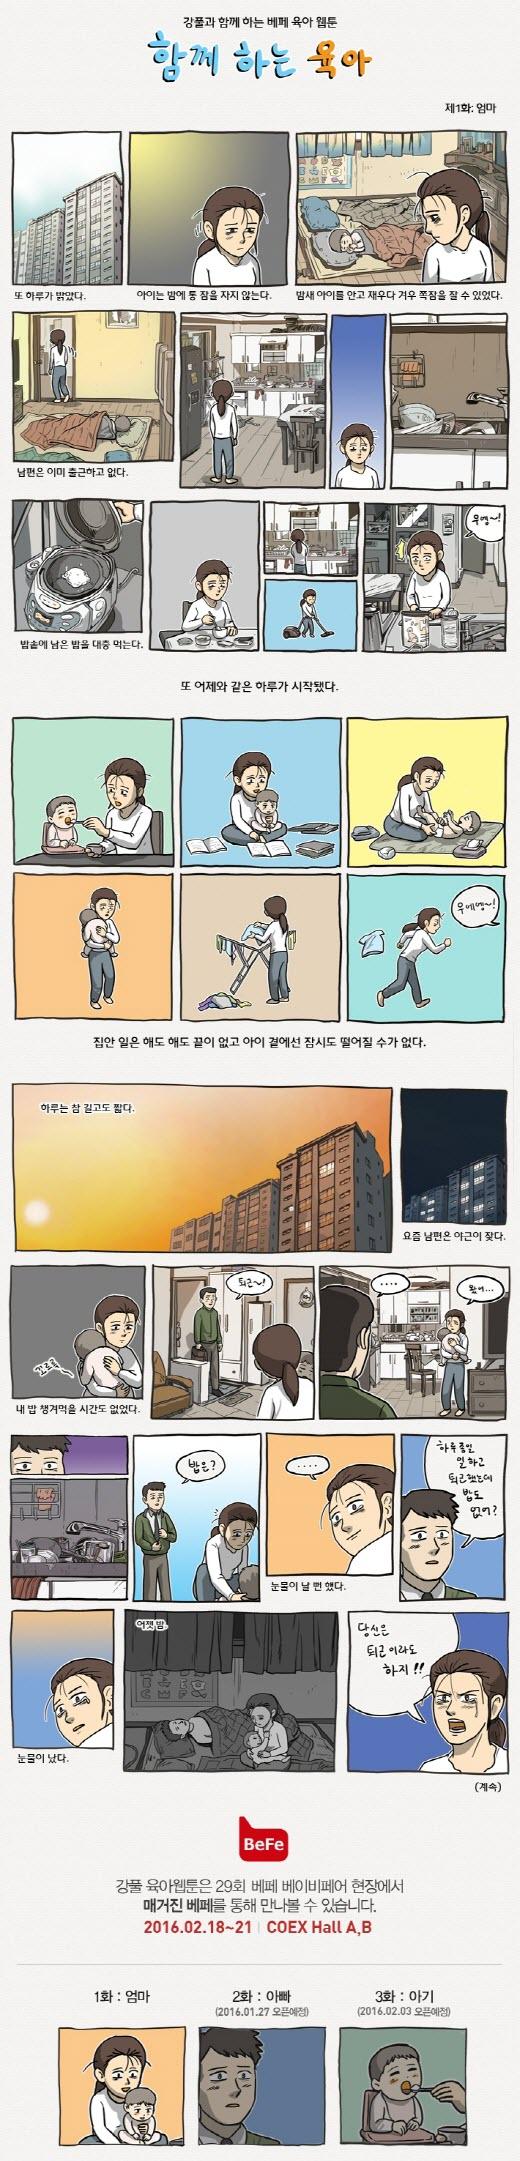 베페, 웹툰 작가 강풀과 함께 '베페 육아 웹툰' 연재